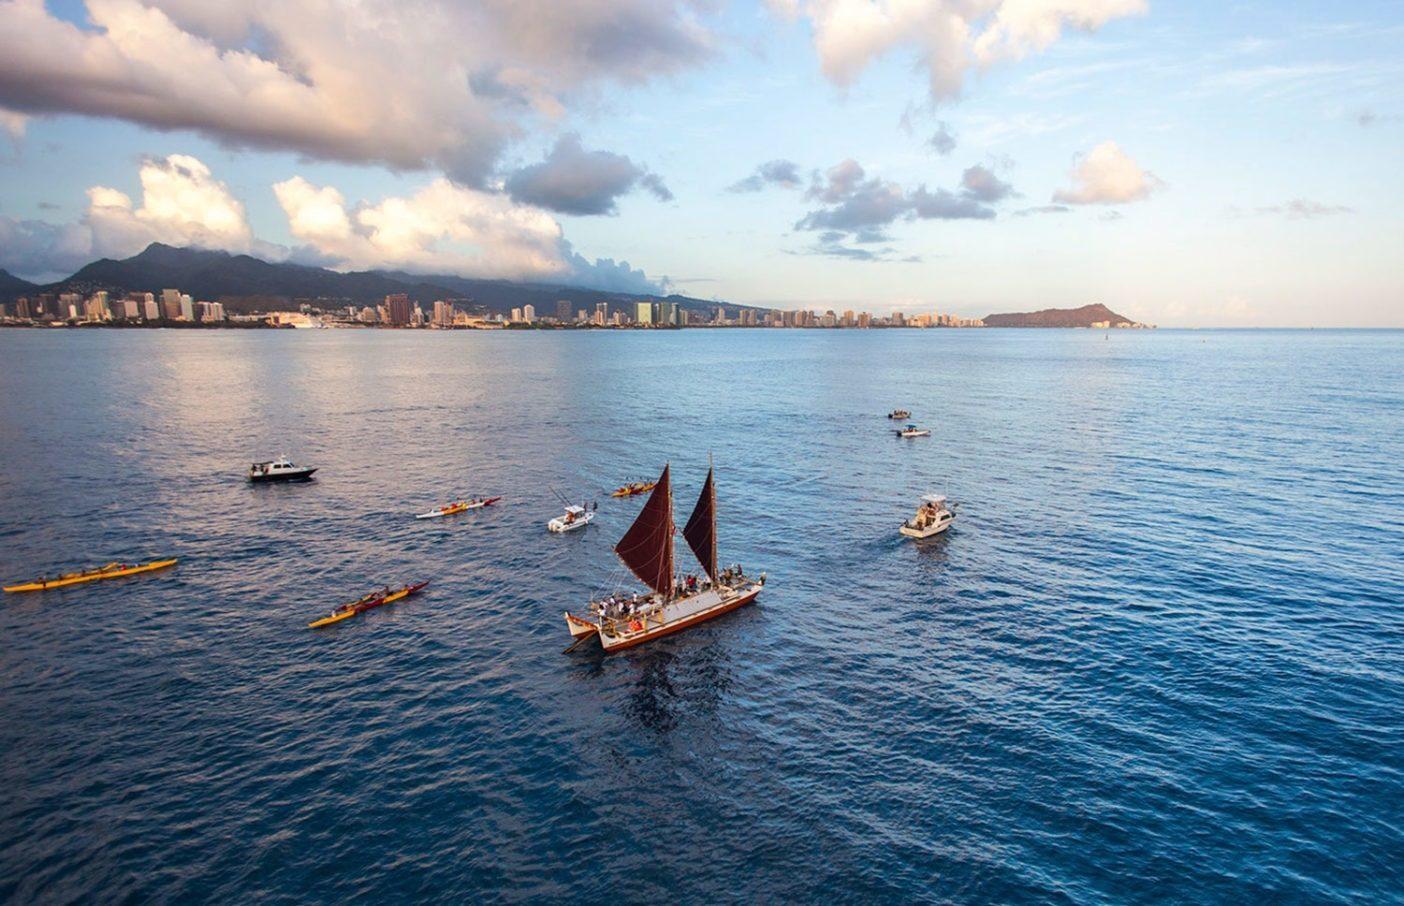 ヒロへとホノルルを発つ ホクレア号。そこでは乗組員が 世界航海の幕開けにタヒチへ 出帆する時を決める風を辛抱 強く待つ。Photo: John Bilderback